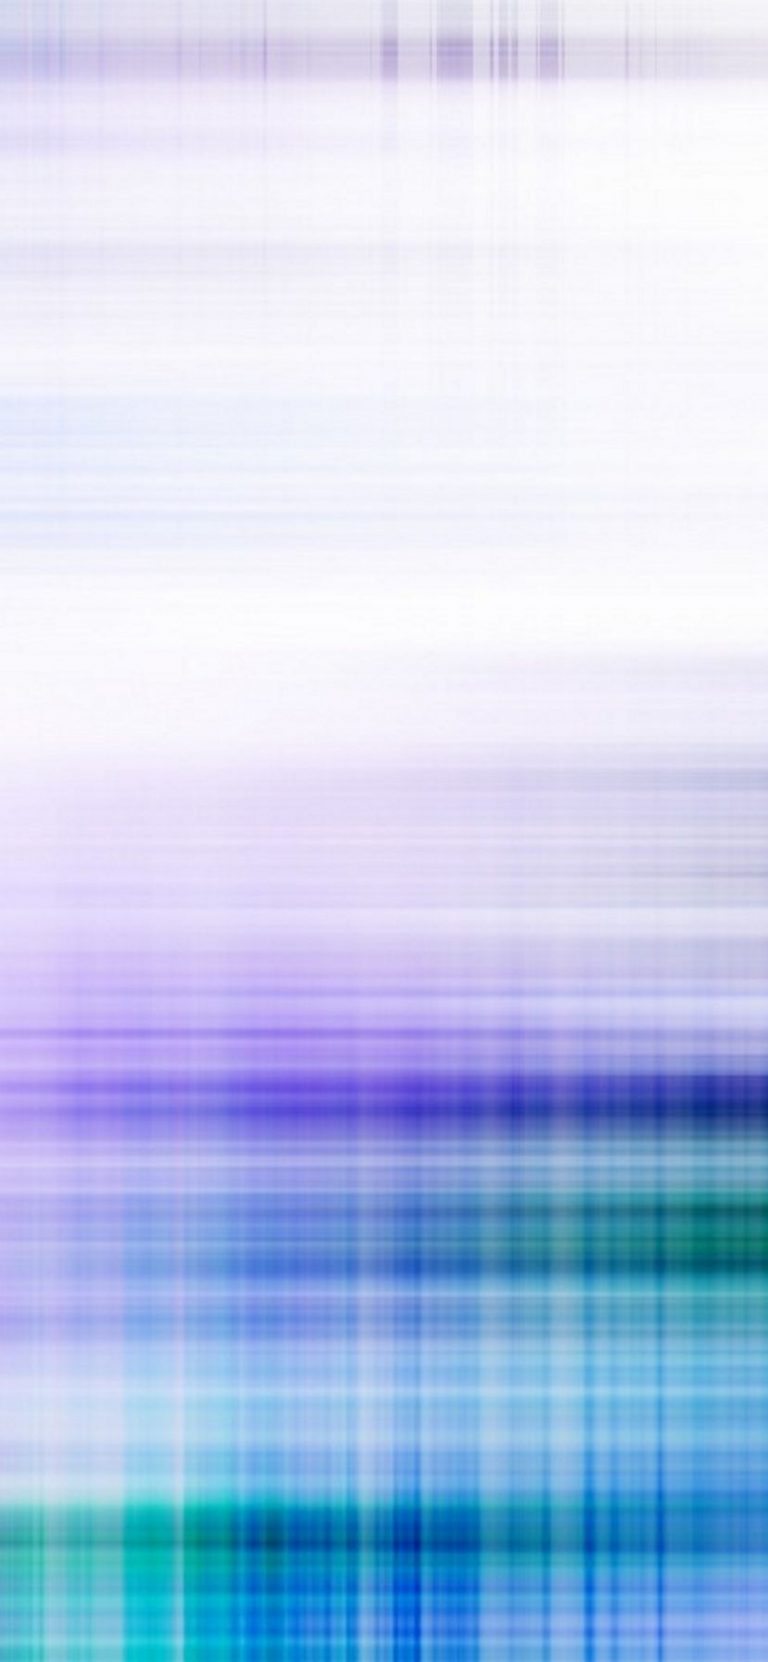 828x1792 Wallpaper 205 768x1662